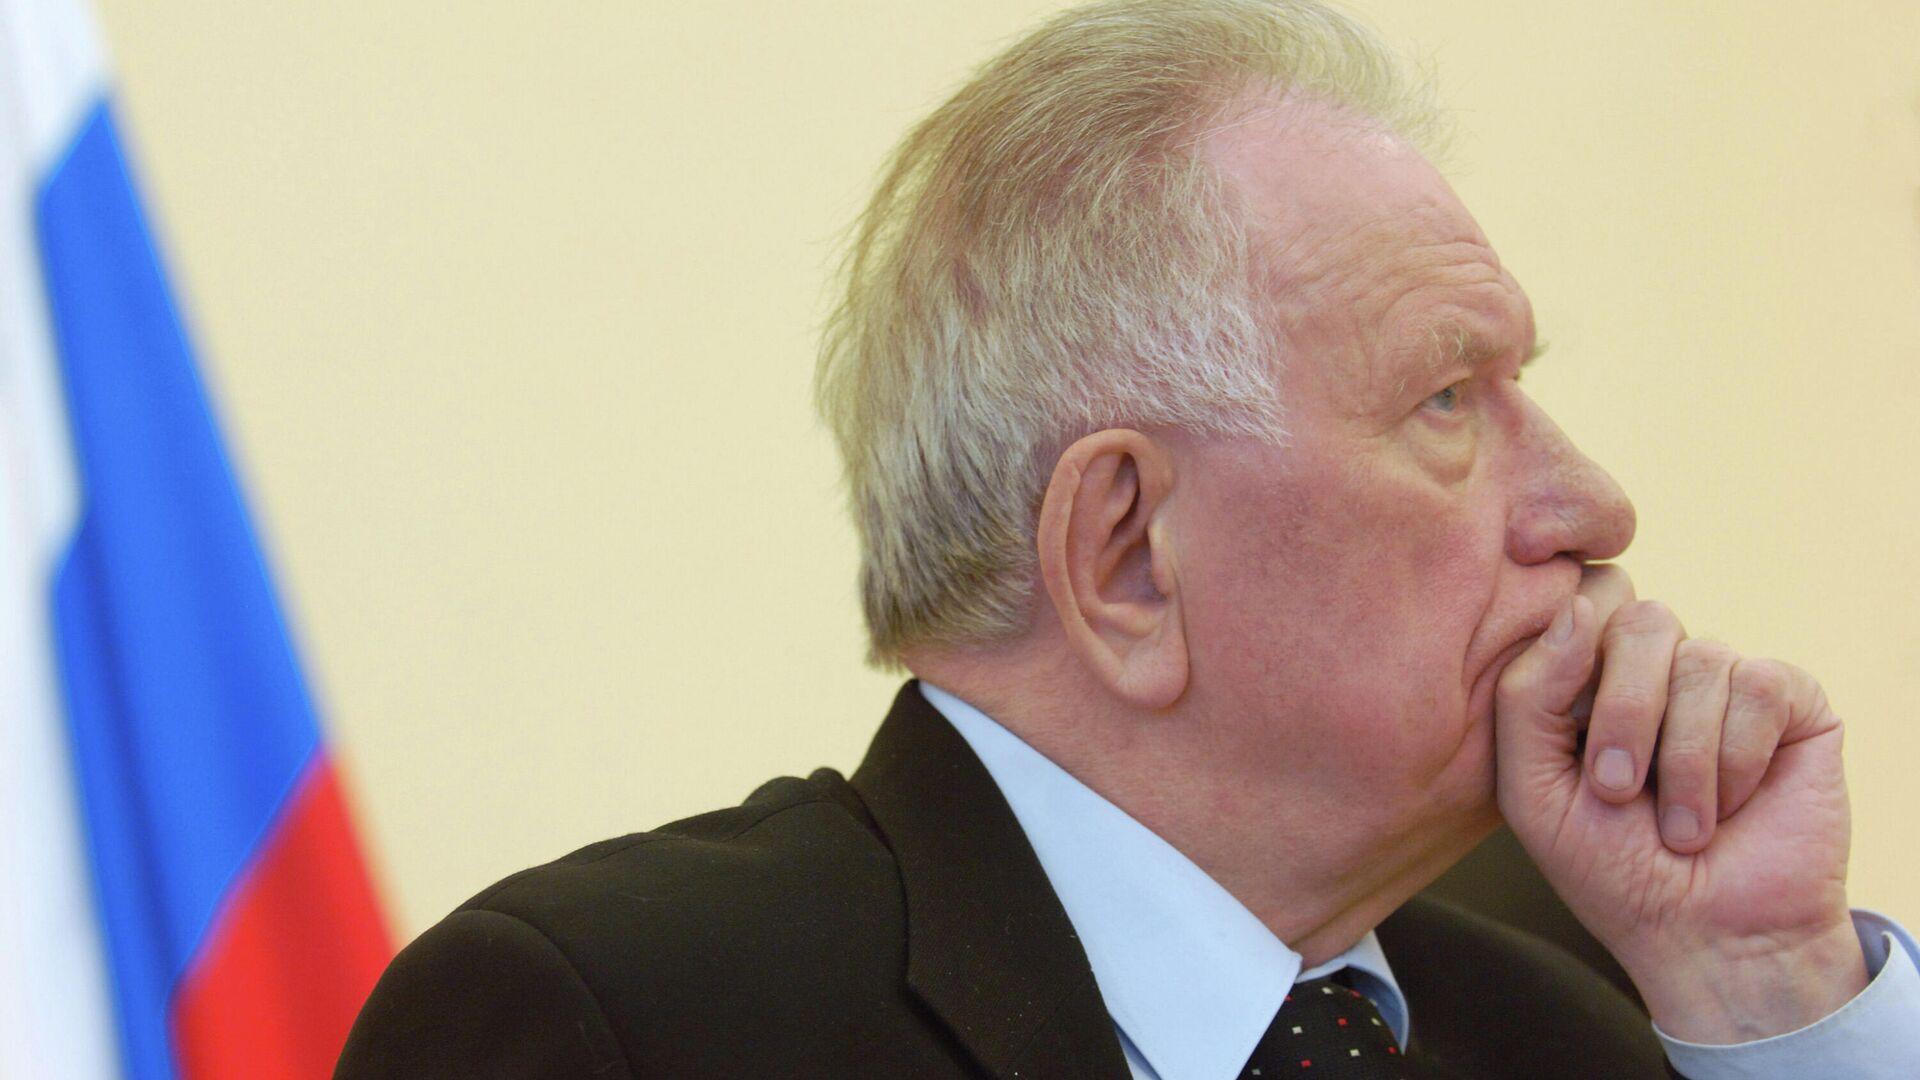 В Улан-Удэ простились с первым президентом Бурятии Леонидом Потаповым